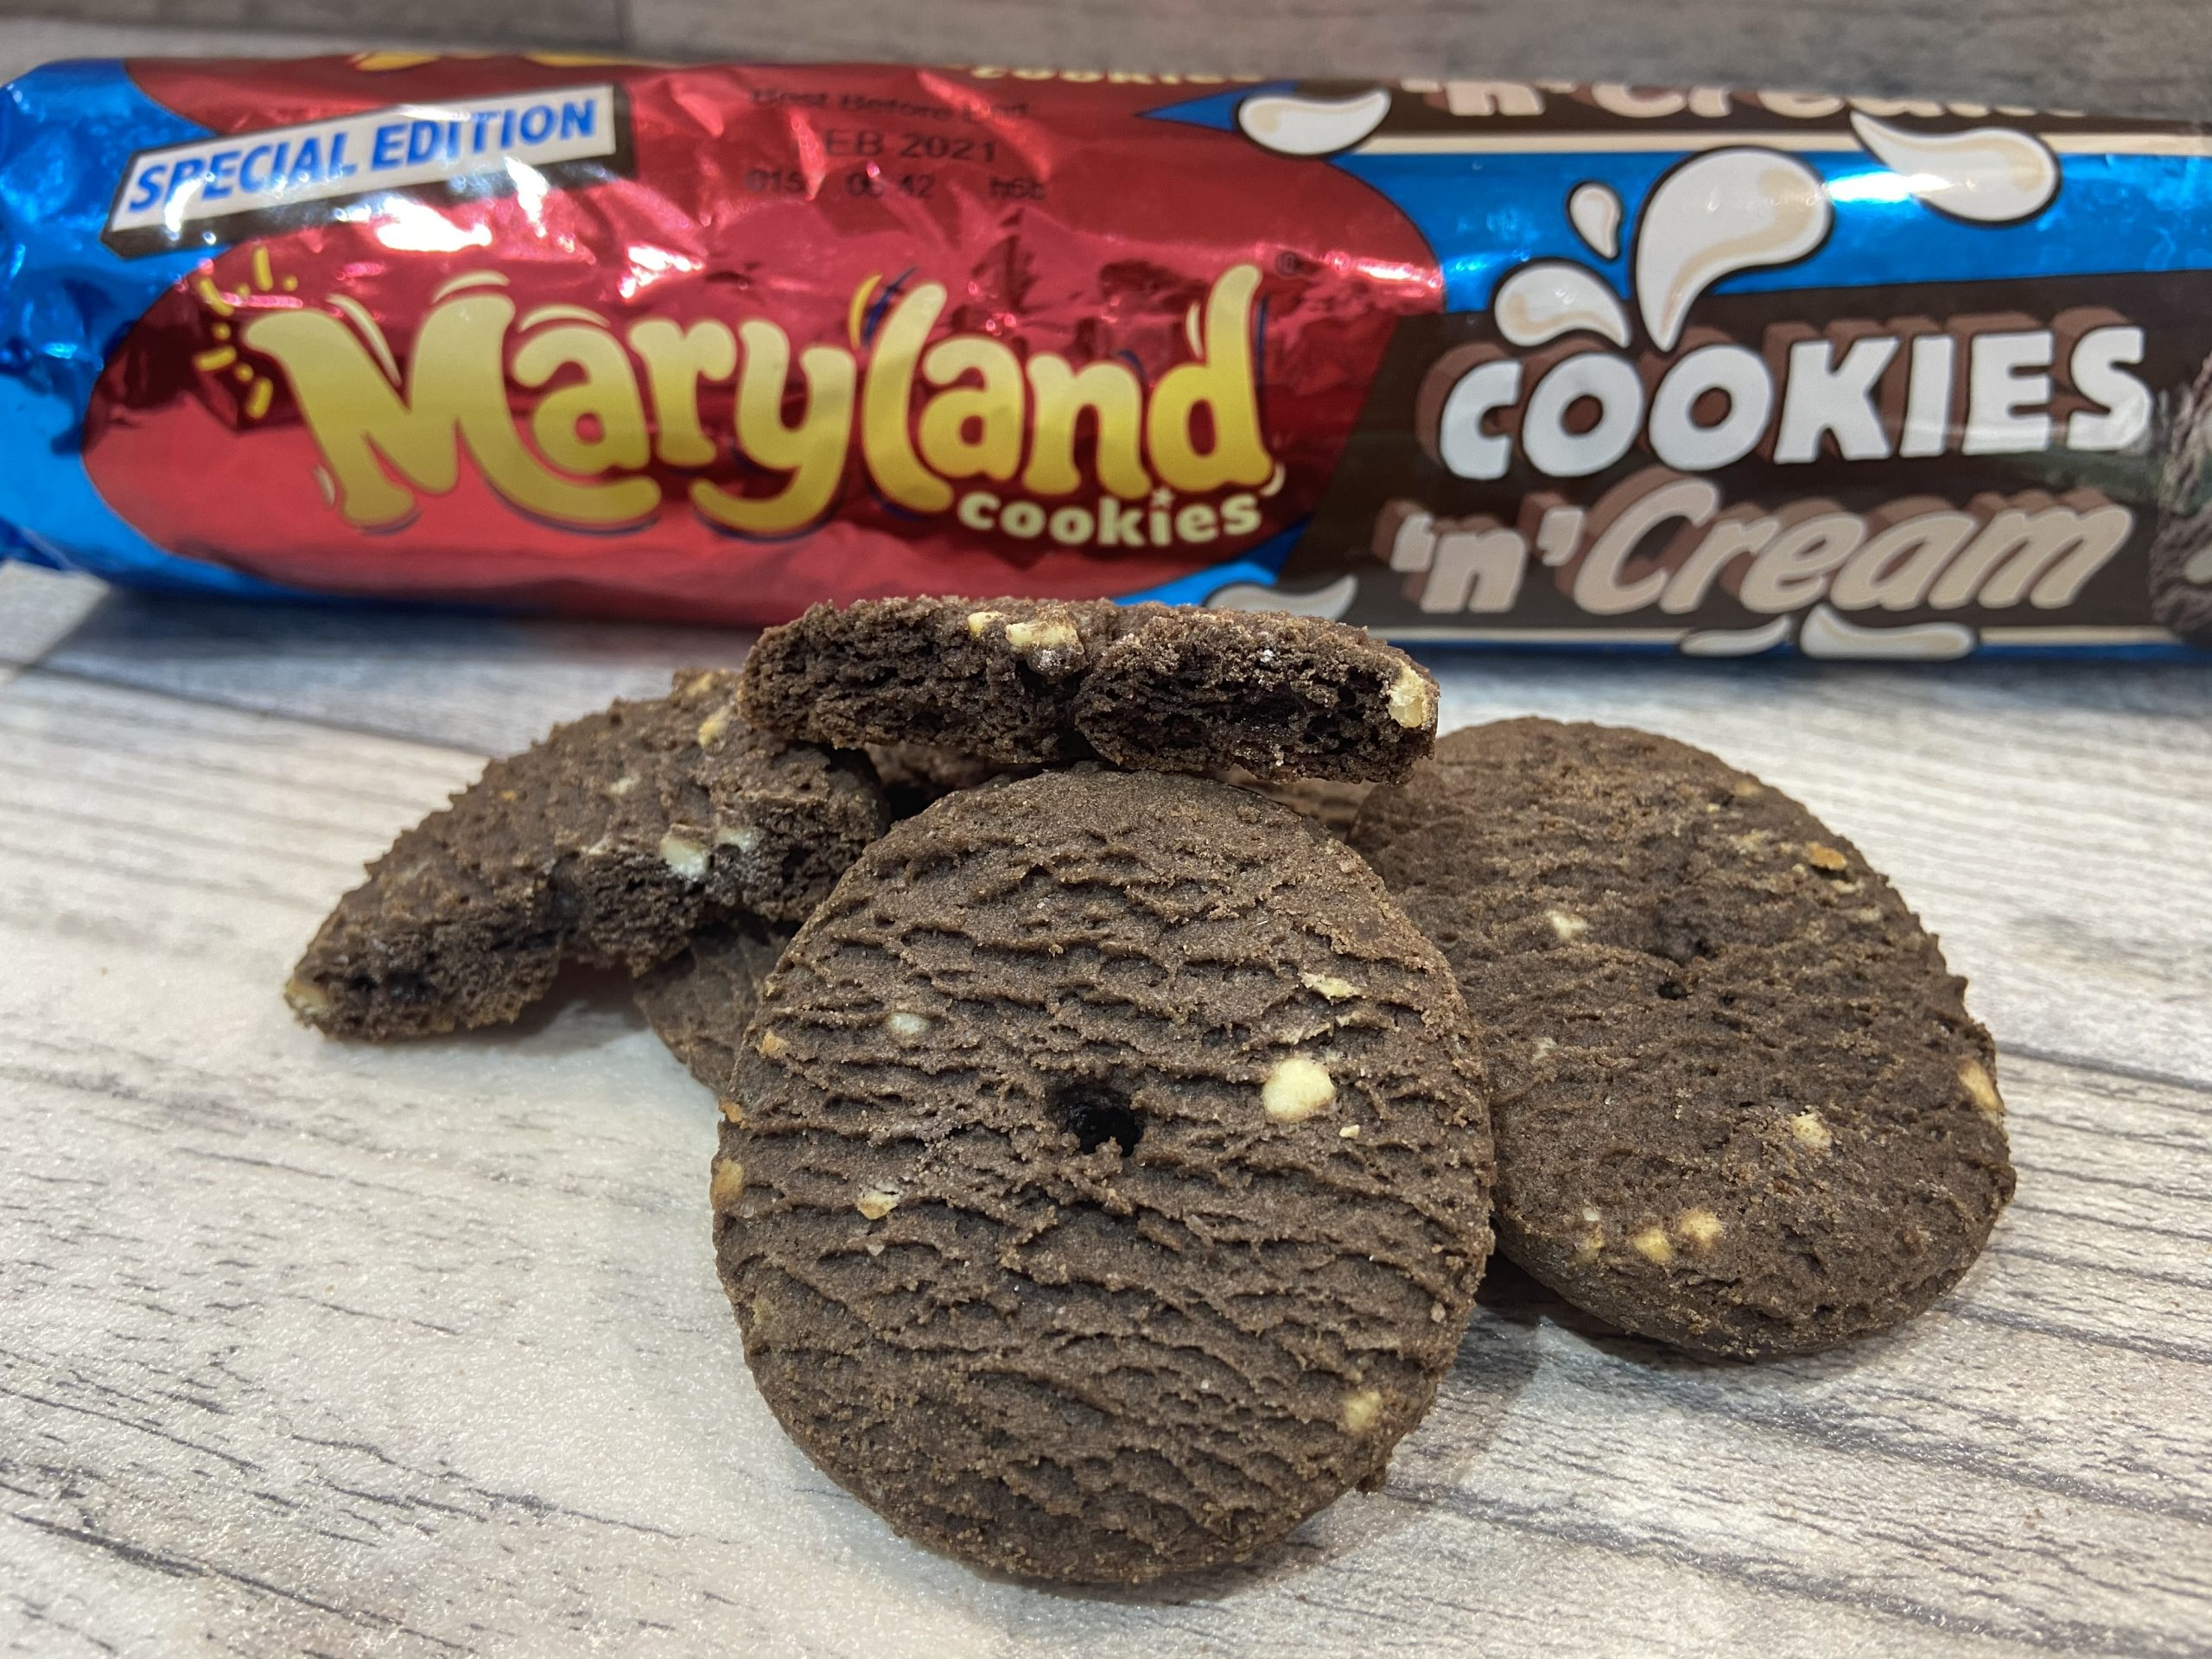 Maryland Cookies 'n' Cream Cookies